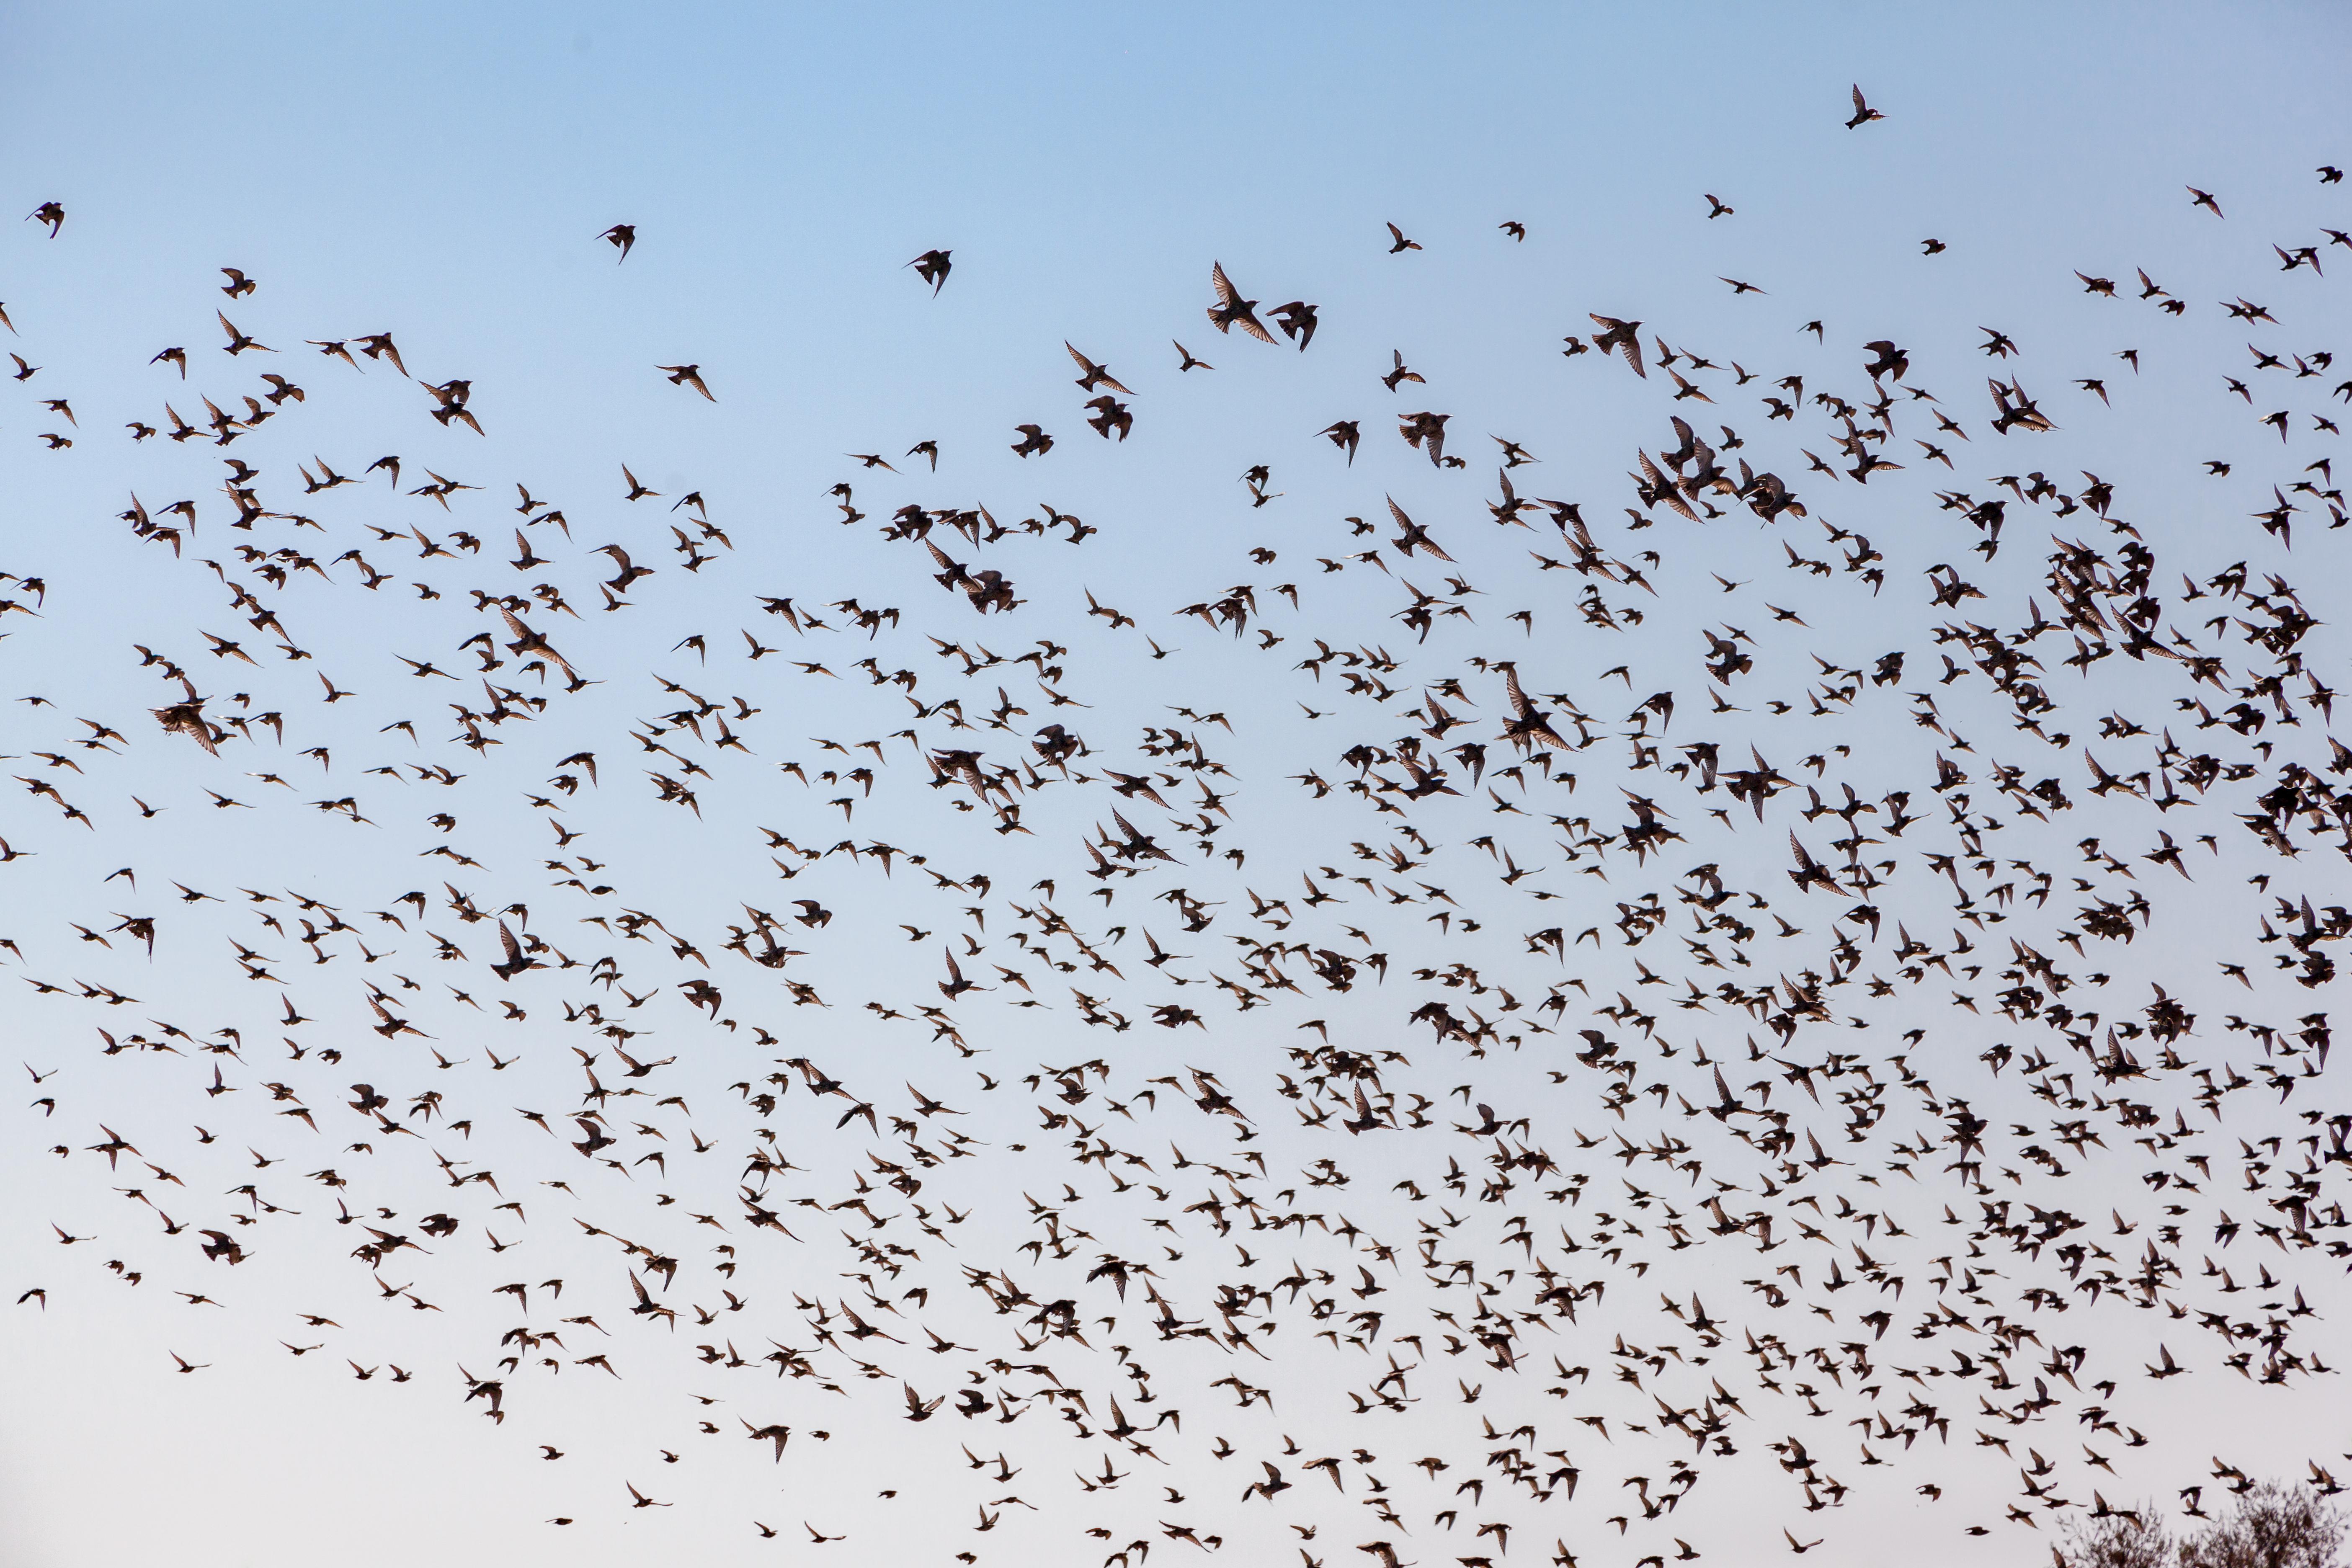 What Sounds Frighten Birds?